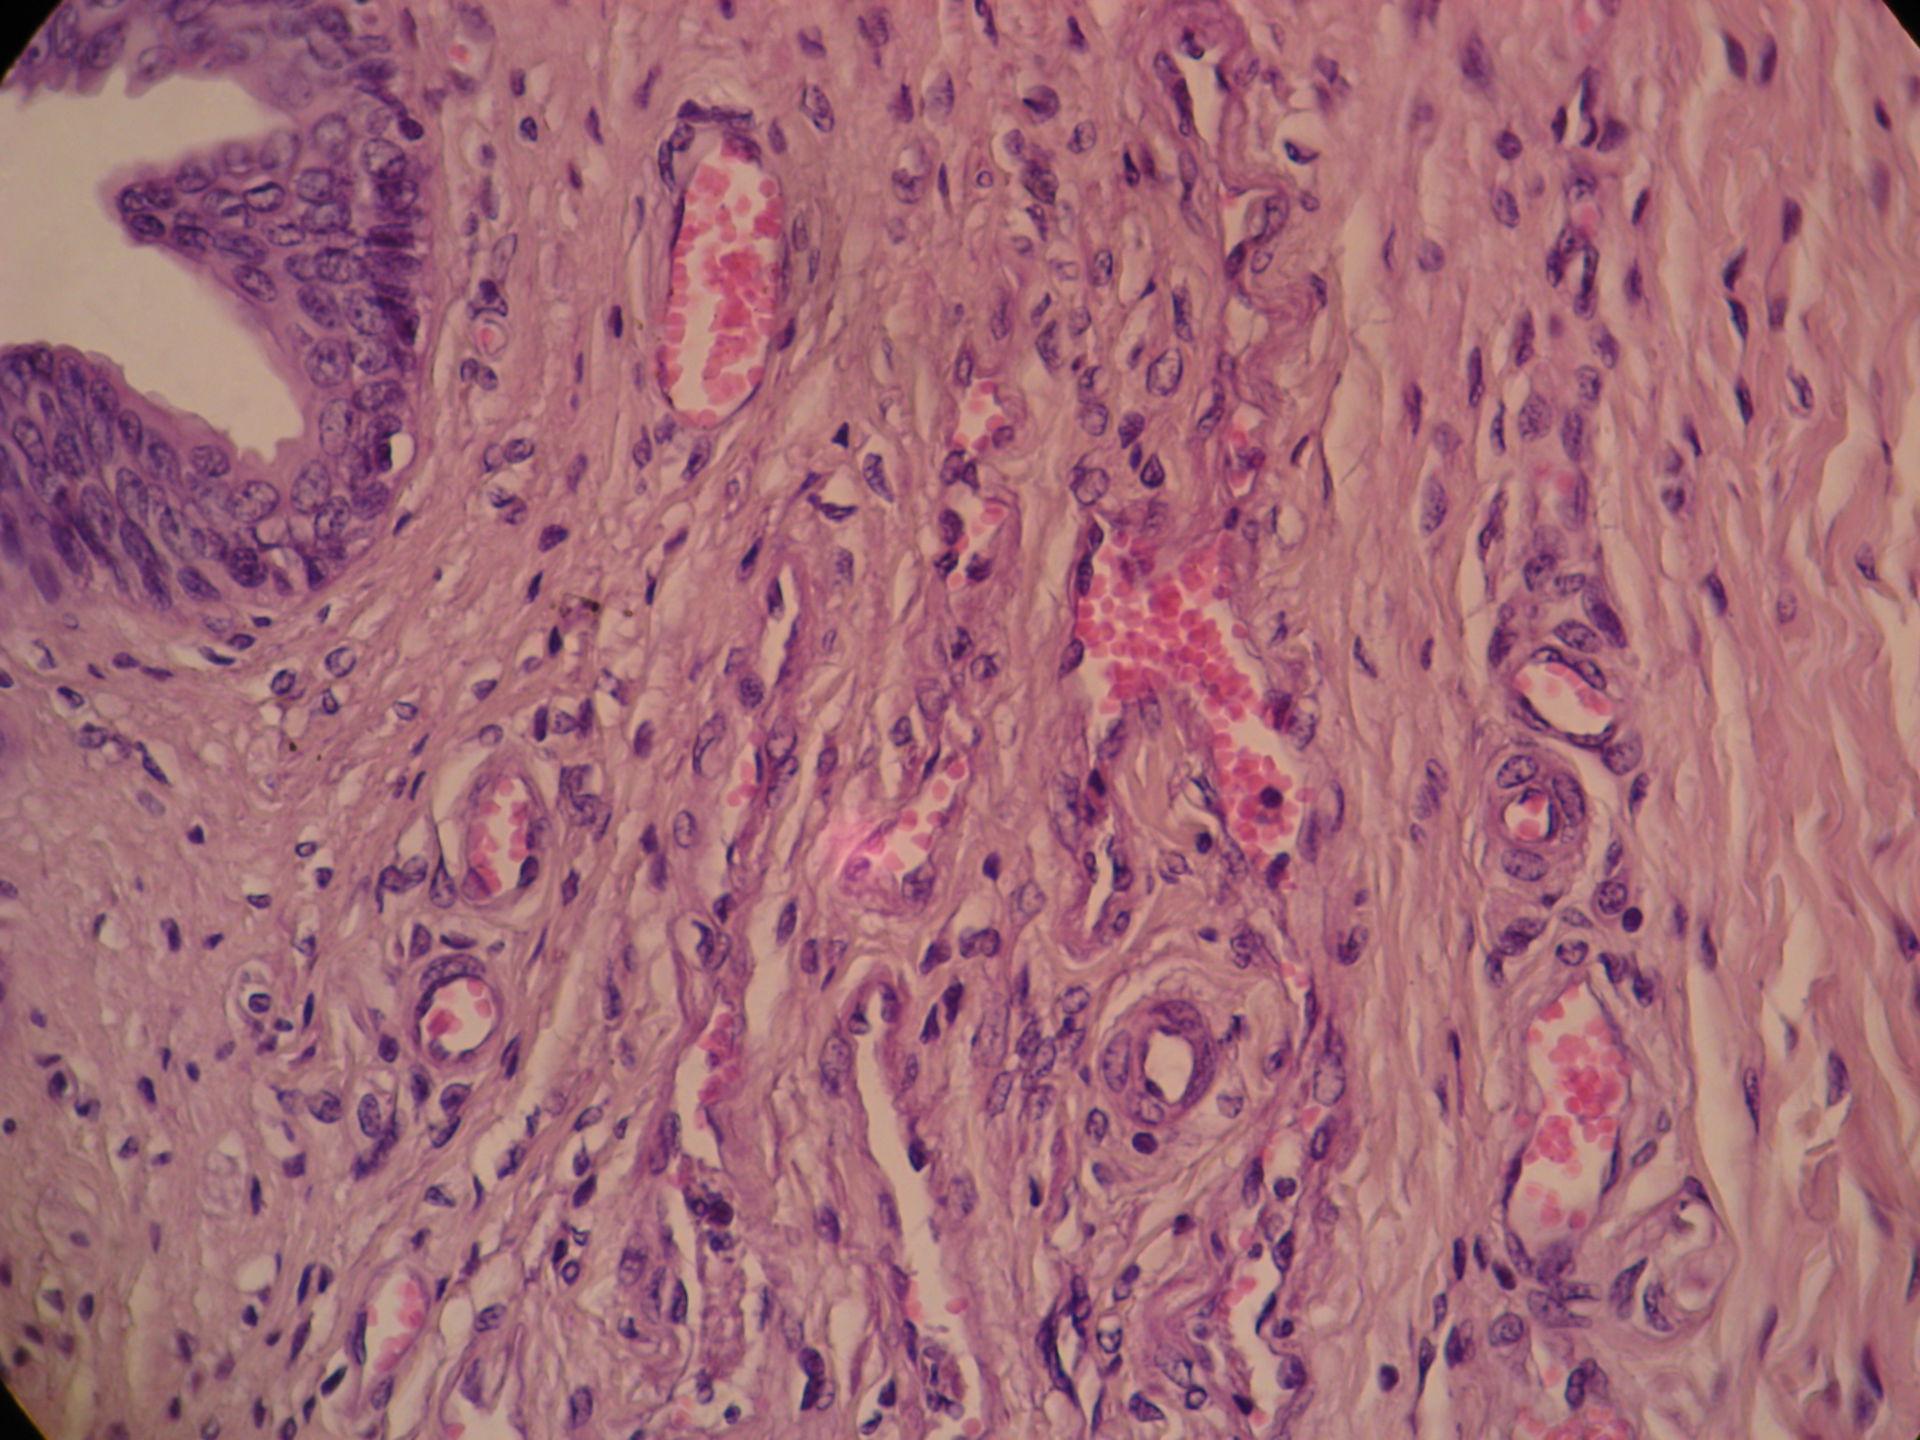 Gland of cat 5 - Corpus spongiosum